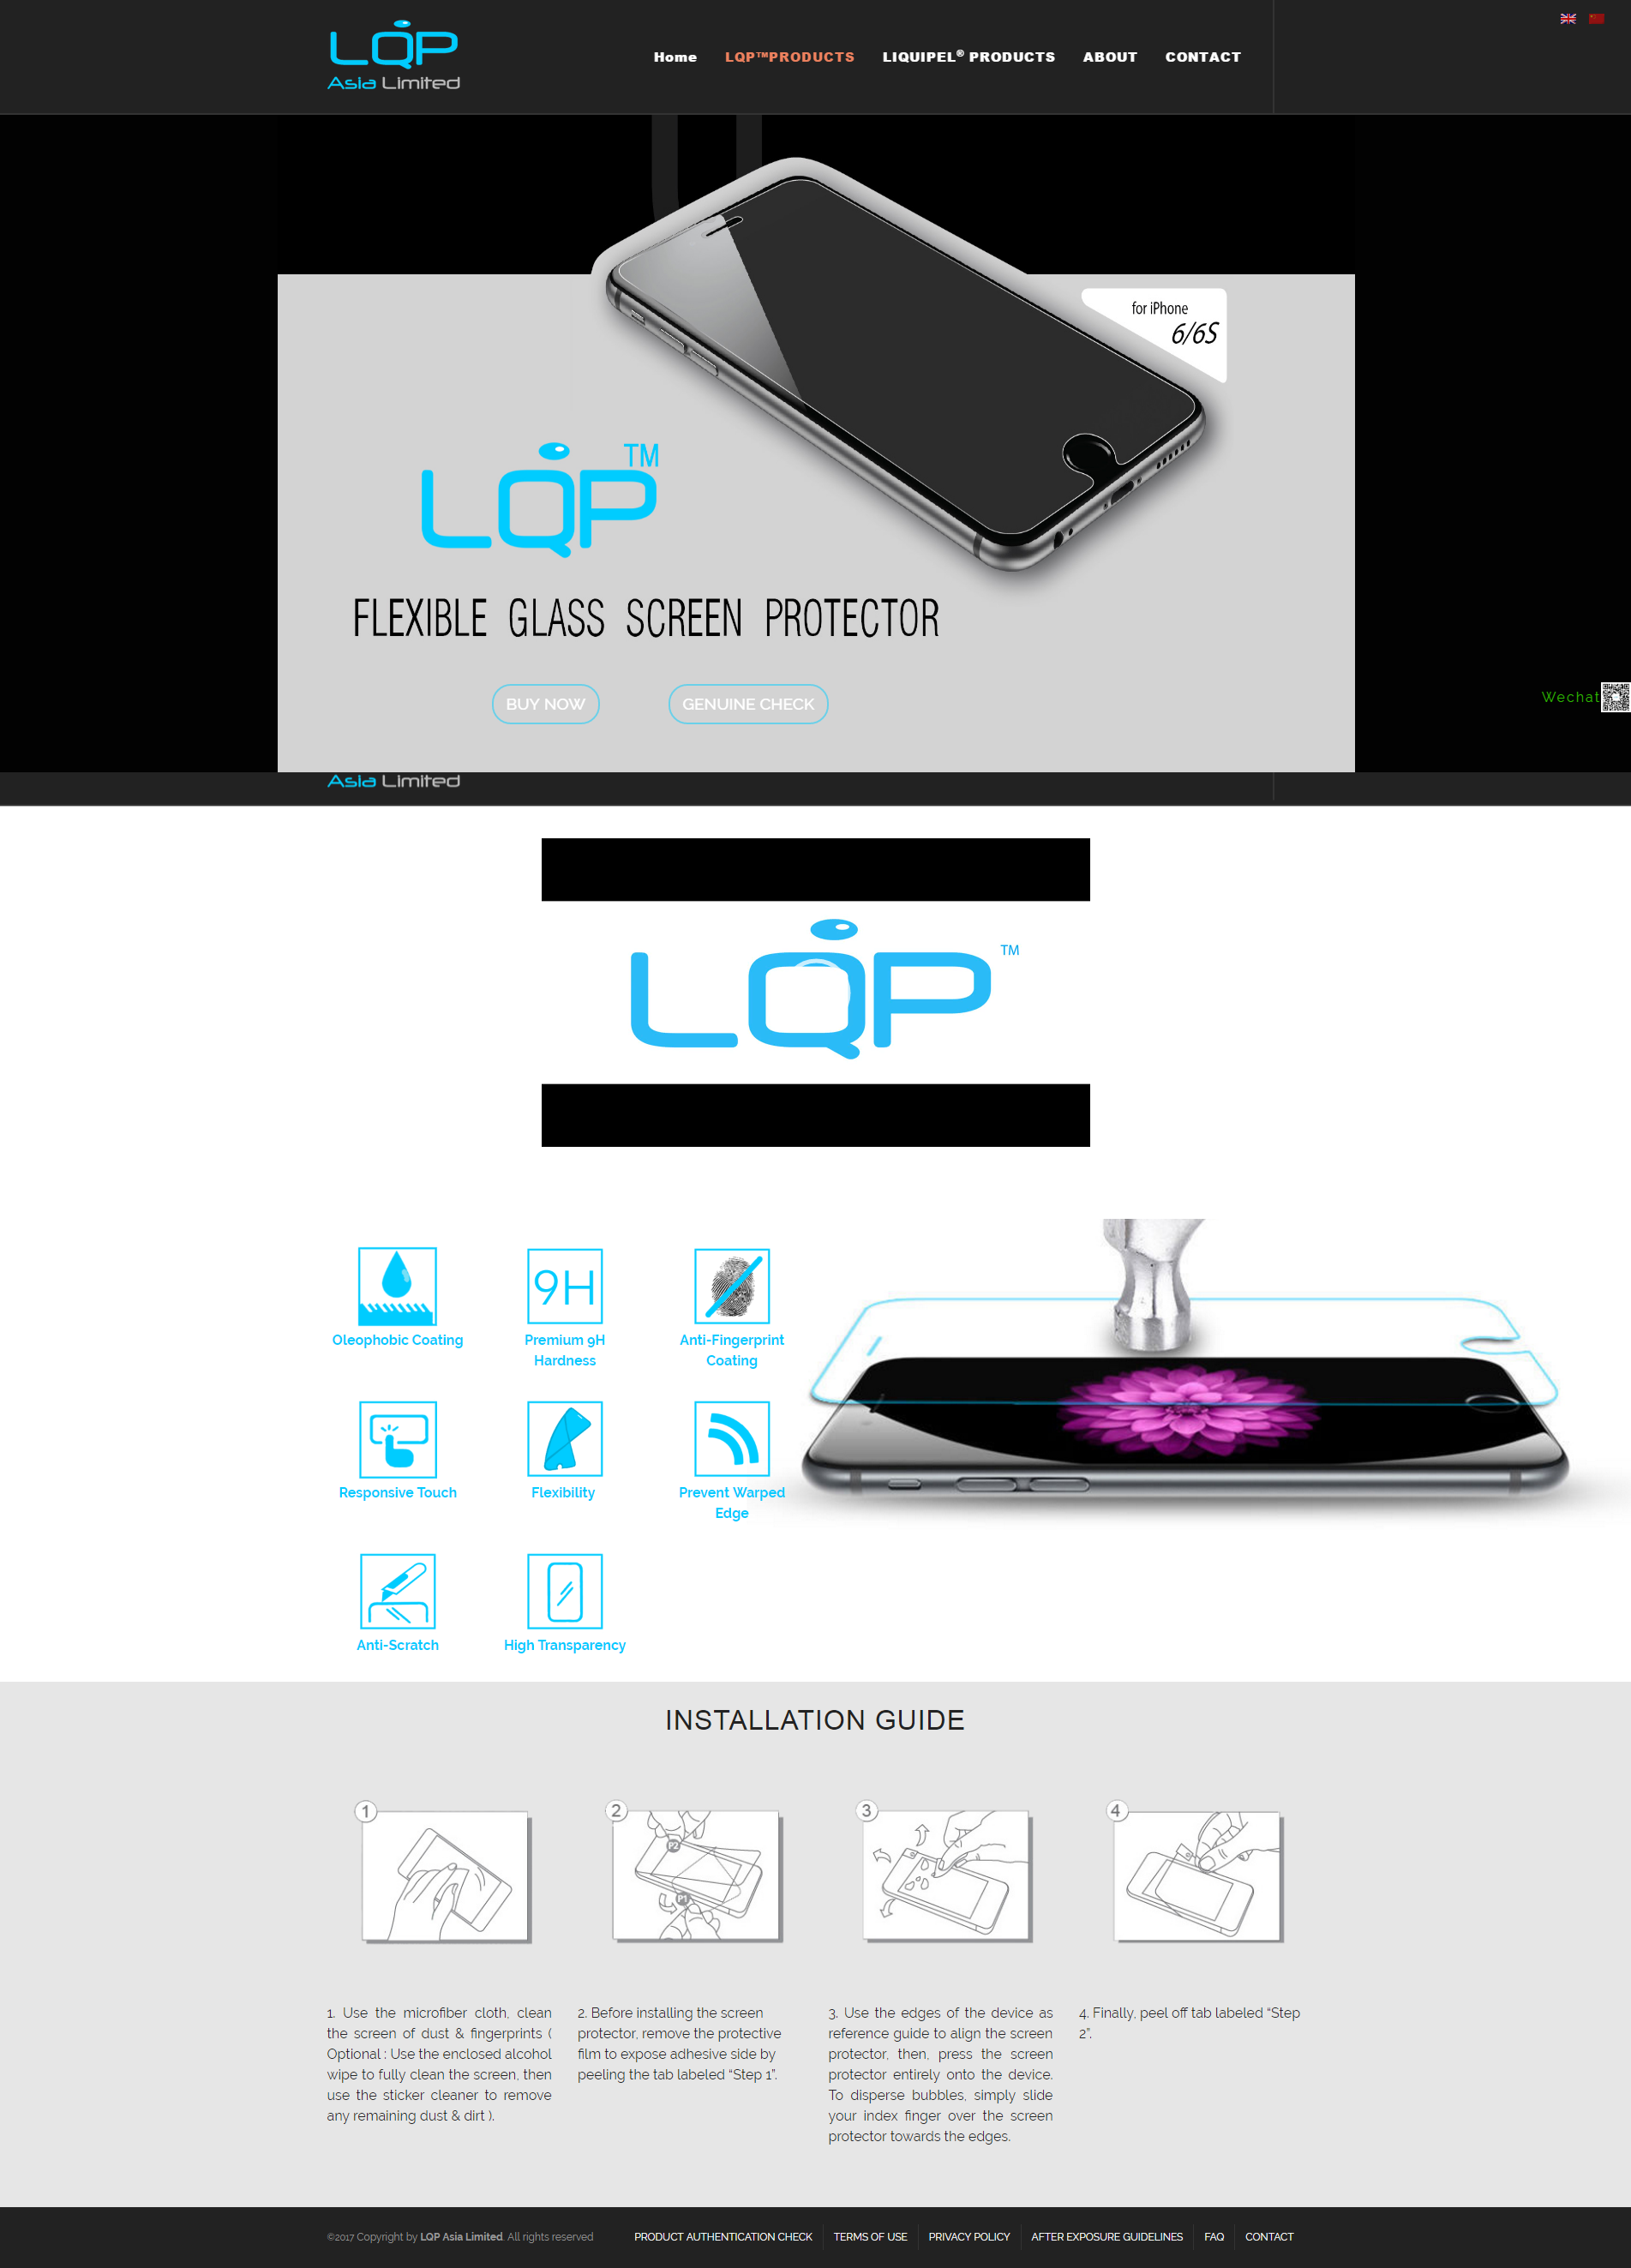 LQP™ Flexible Glass Screen Protector Film Liquipel